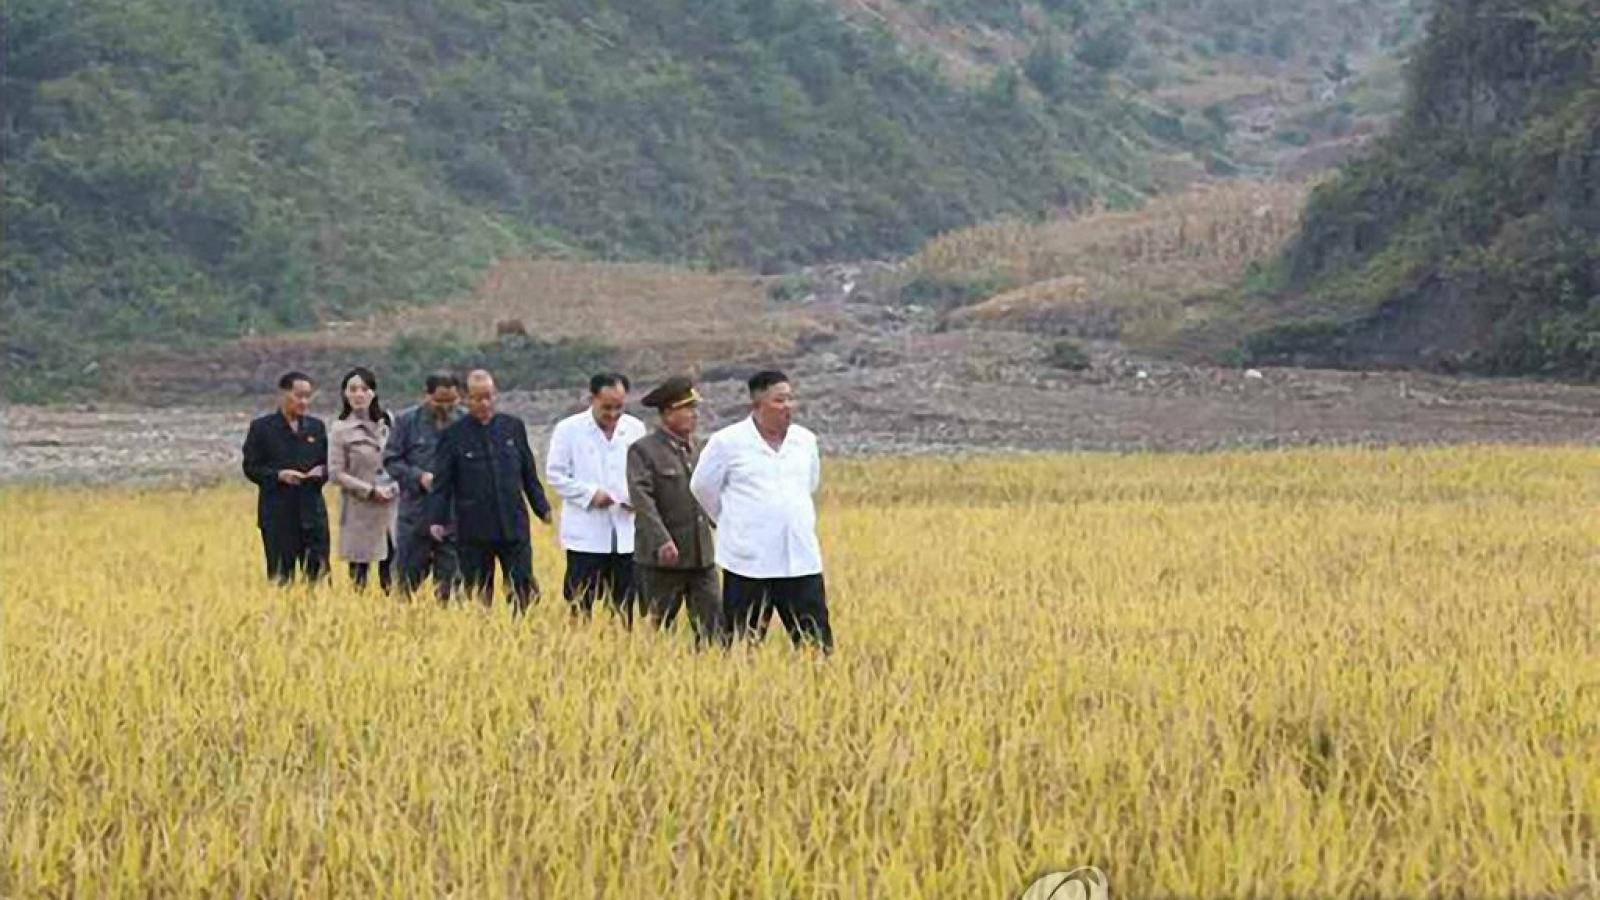 Nhà lãnh đạo Triều Tiên điều động quân đội hỗ trợ lũ lụt